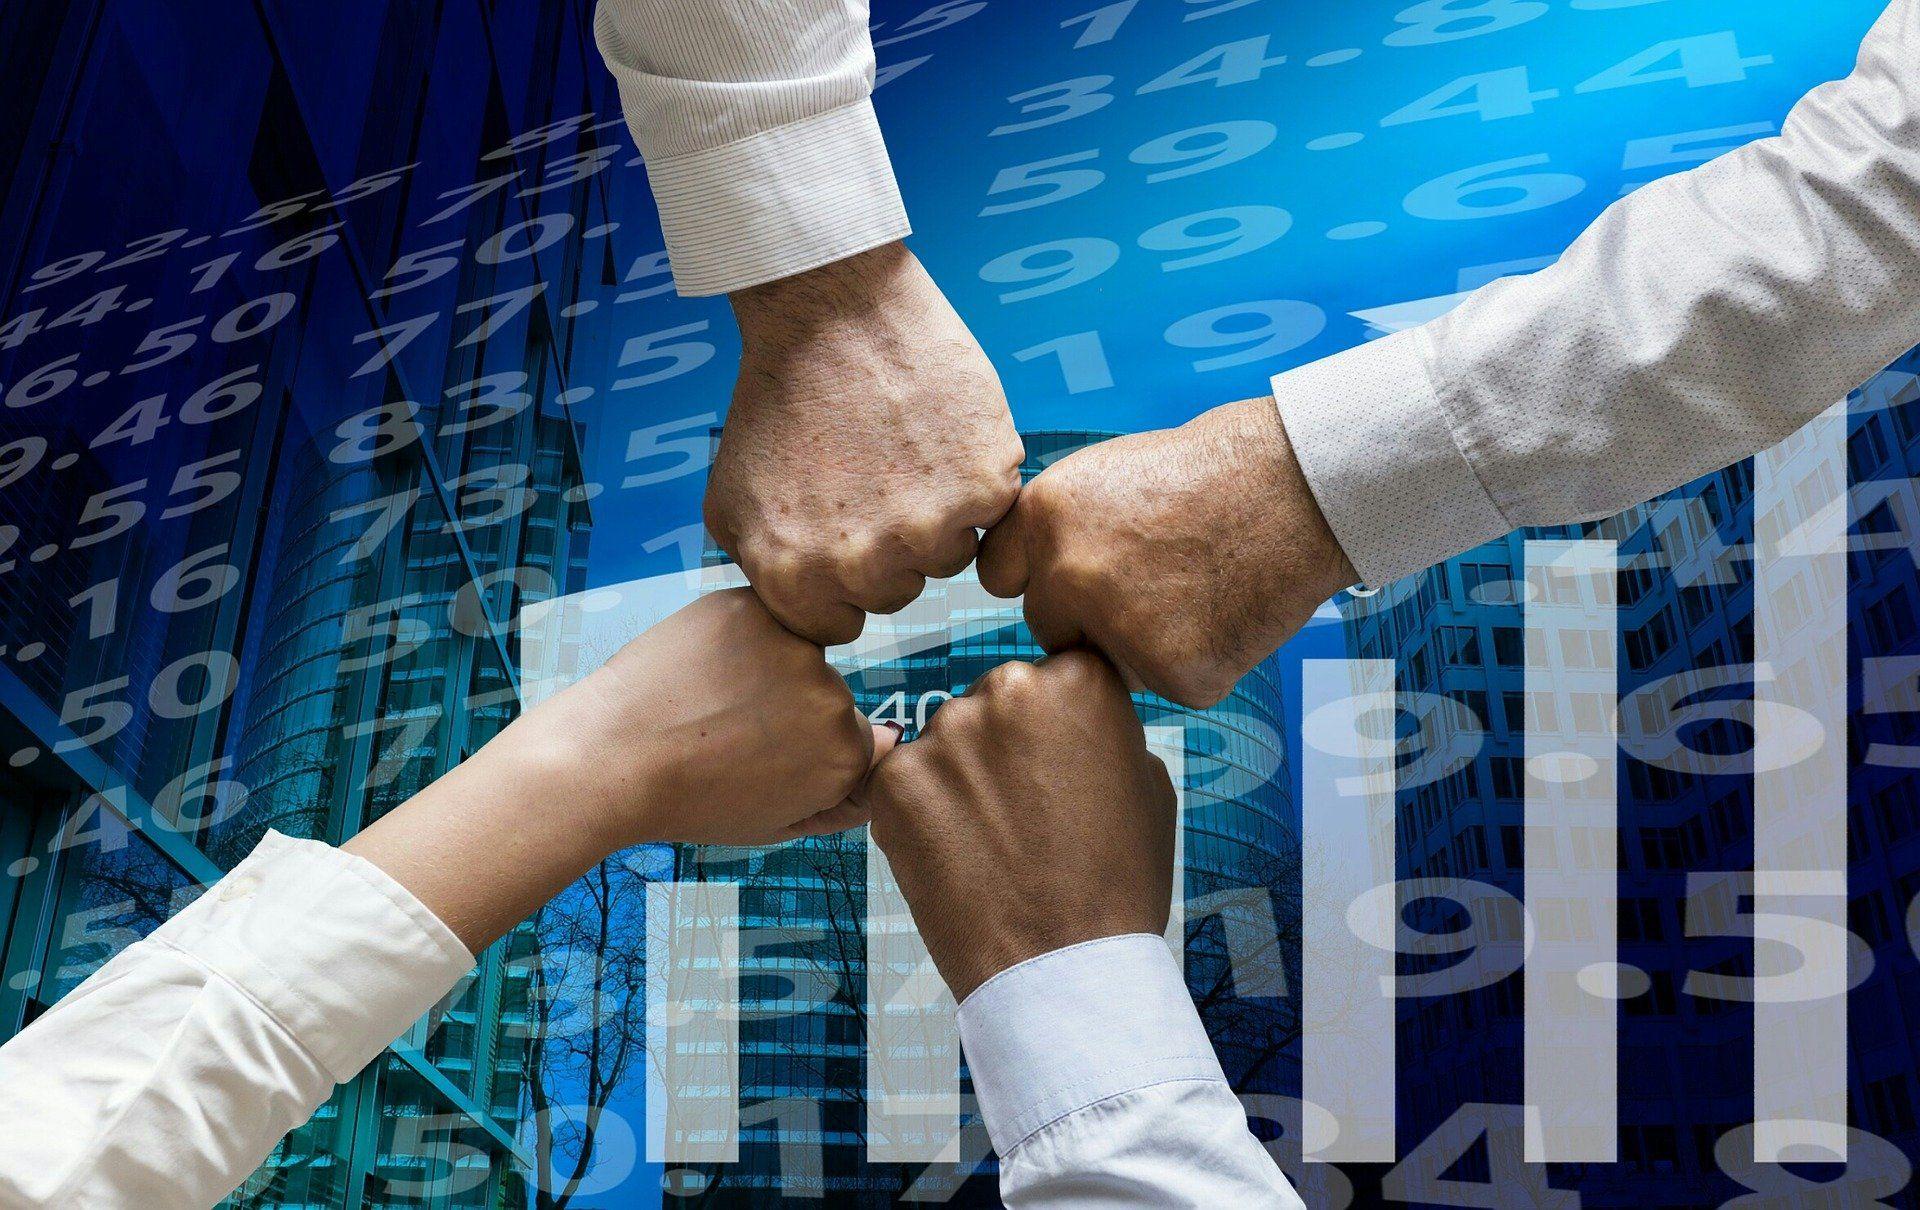 Binnenkort team building? Plaats eens cyber safety awareness op de agenda!